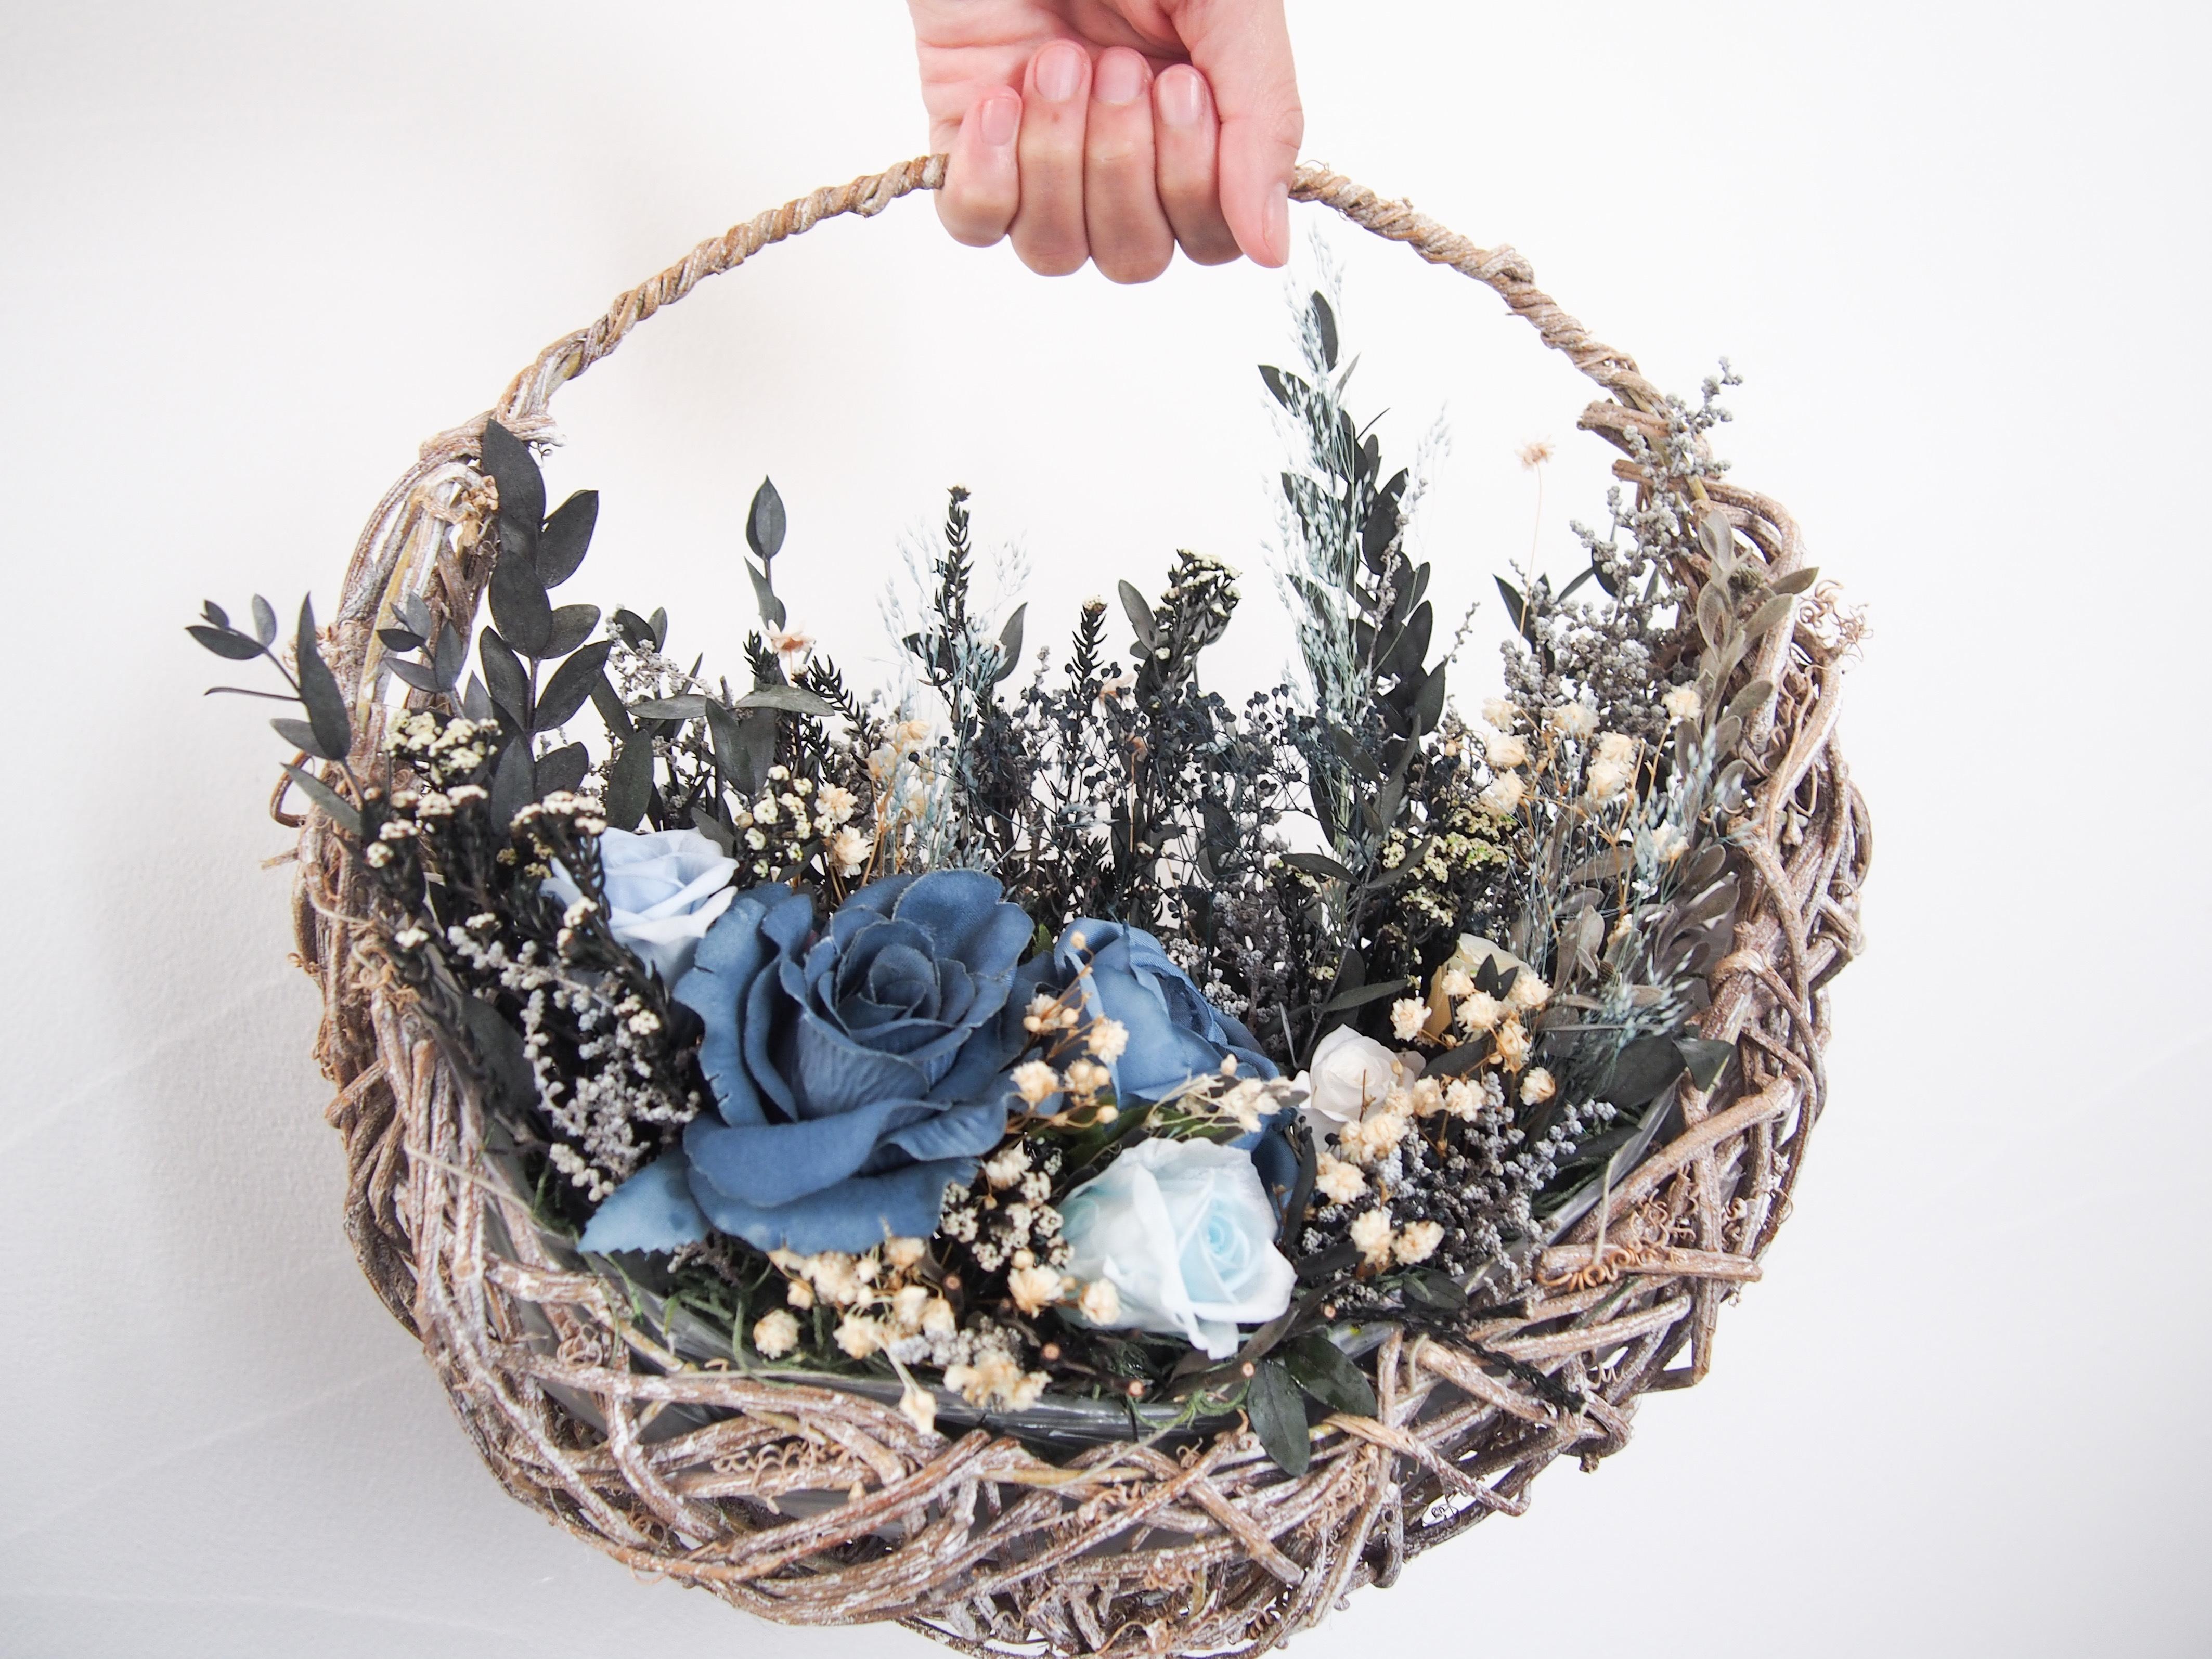 新作 ▶︎ナチュラル ガーデン シャビー ブルー 花摘み バスケット リース ブーケ